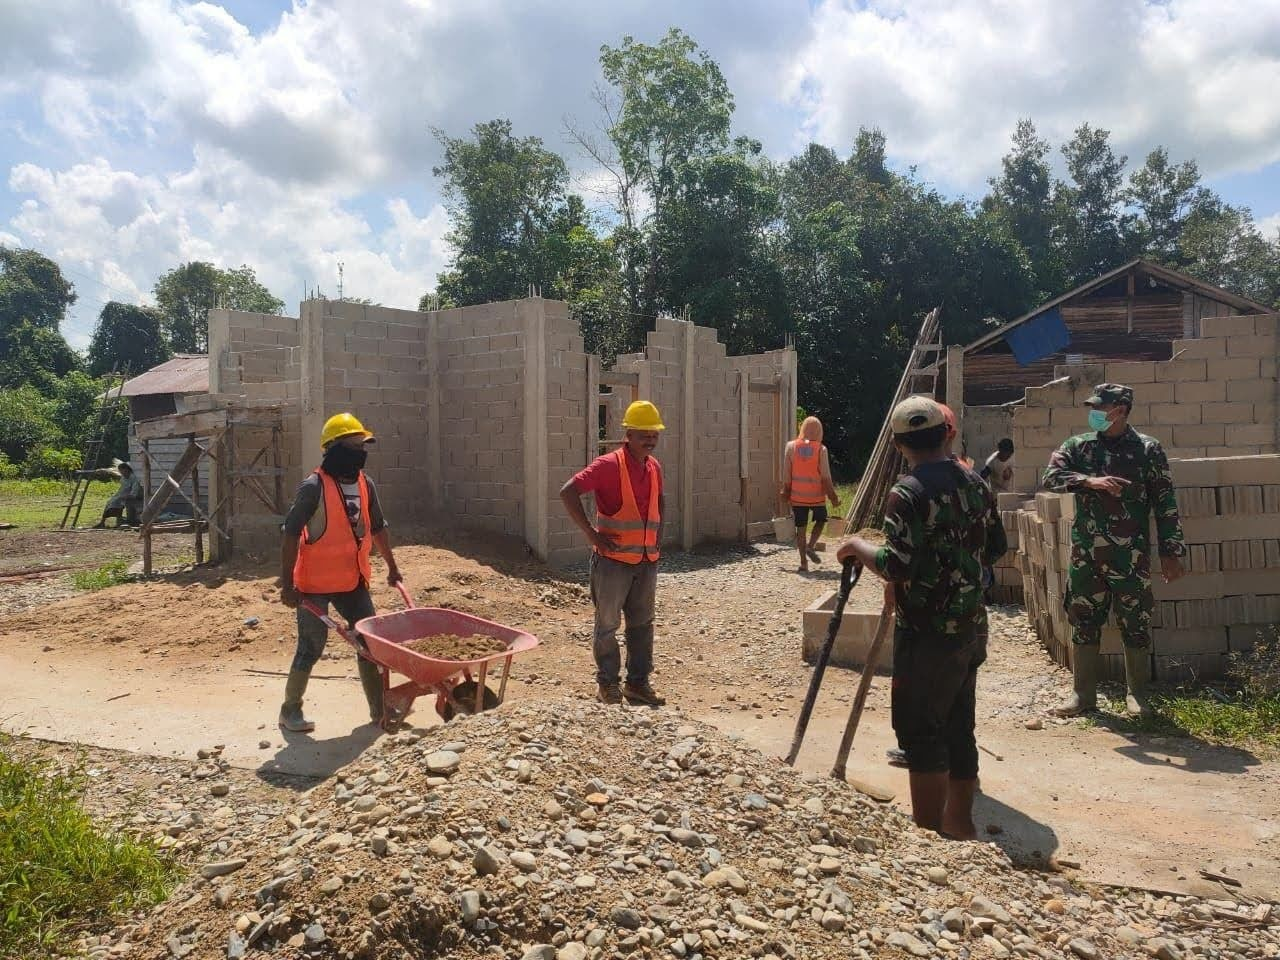 ZIDAM BERPARTISIPASI Dalam Pembangunan Mushola AS SYIFA Di Dusun Mabak Molo Desa TIGA BERKAT